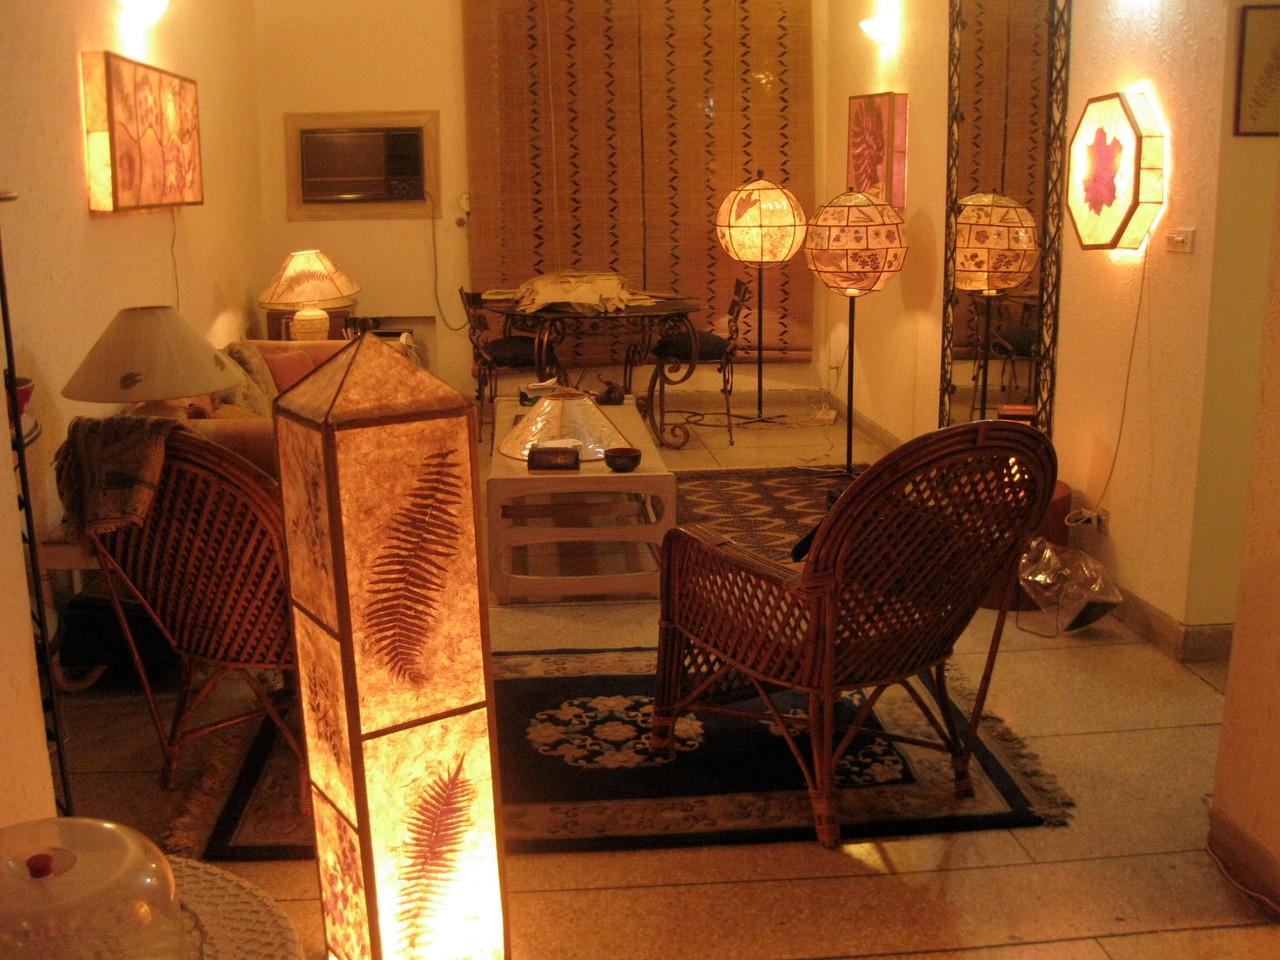 ヌザットさんの手漉きの紙を使った作品で飾られた客間